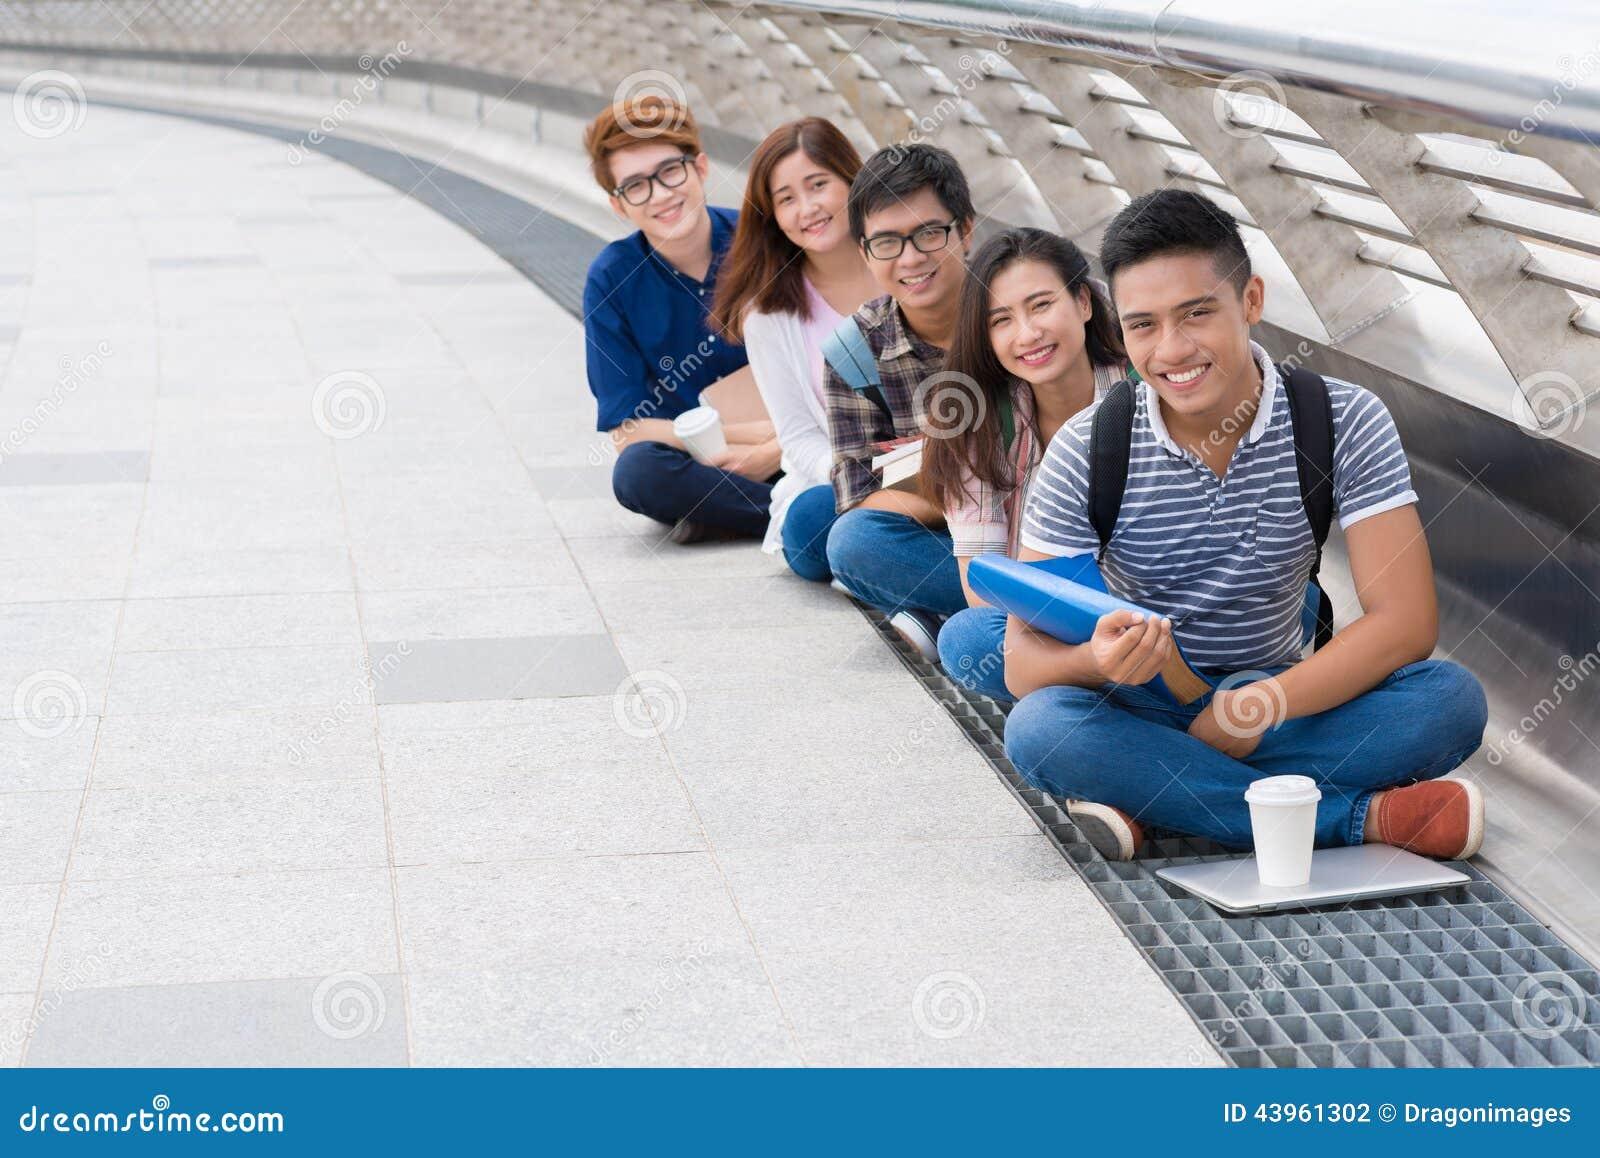 Gelukkige Vietnamese studenten